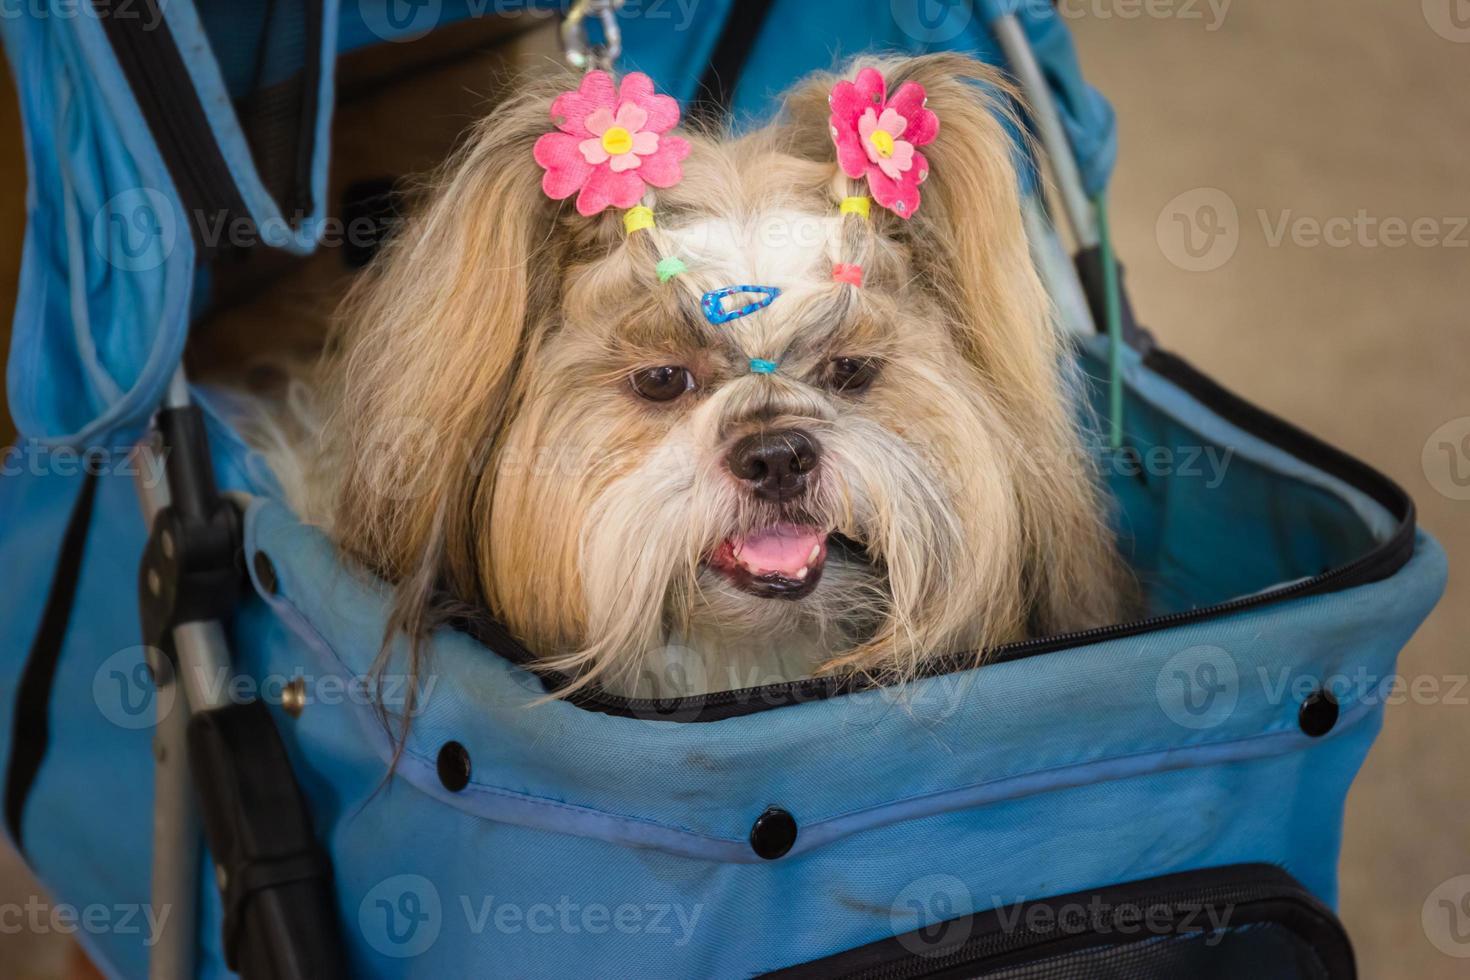 shih tzu hund som ligger i barnvagnen foto